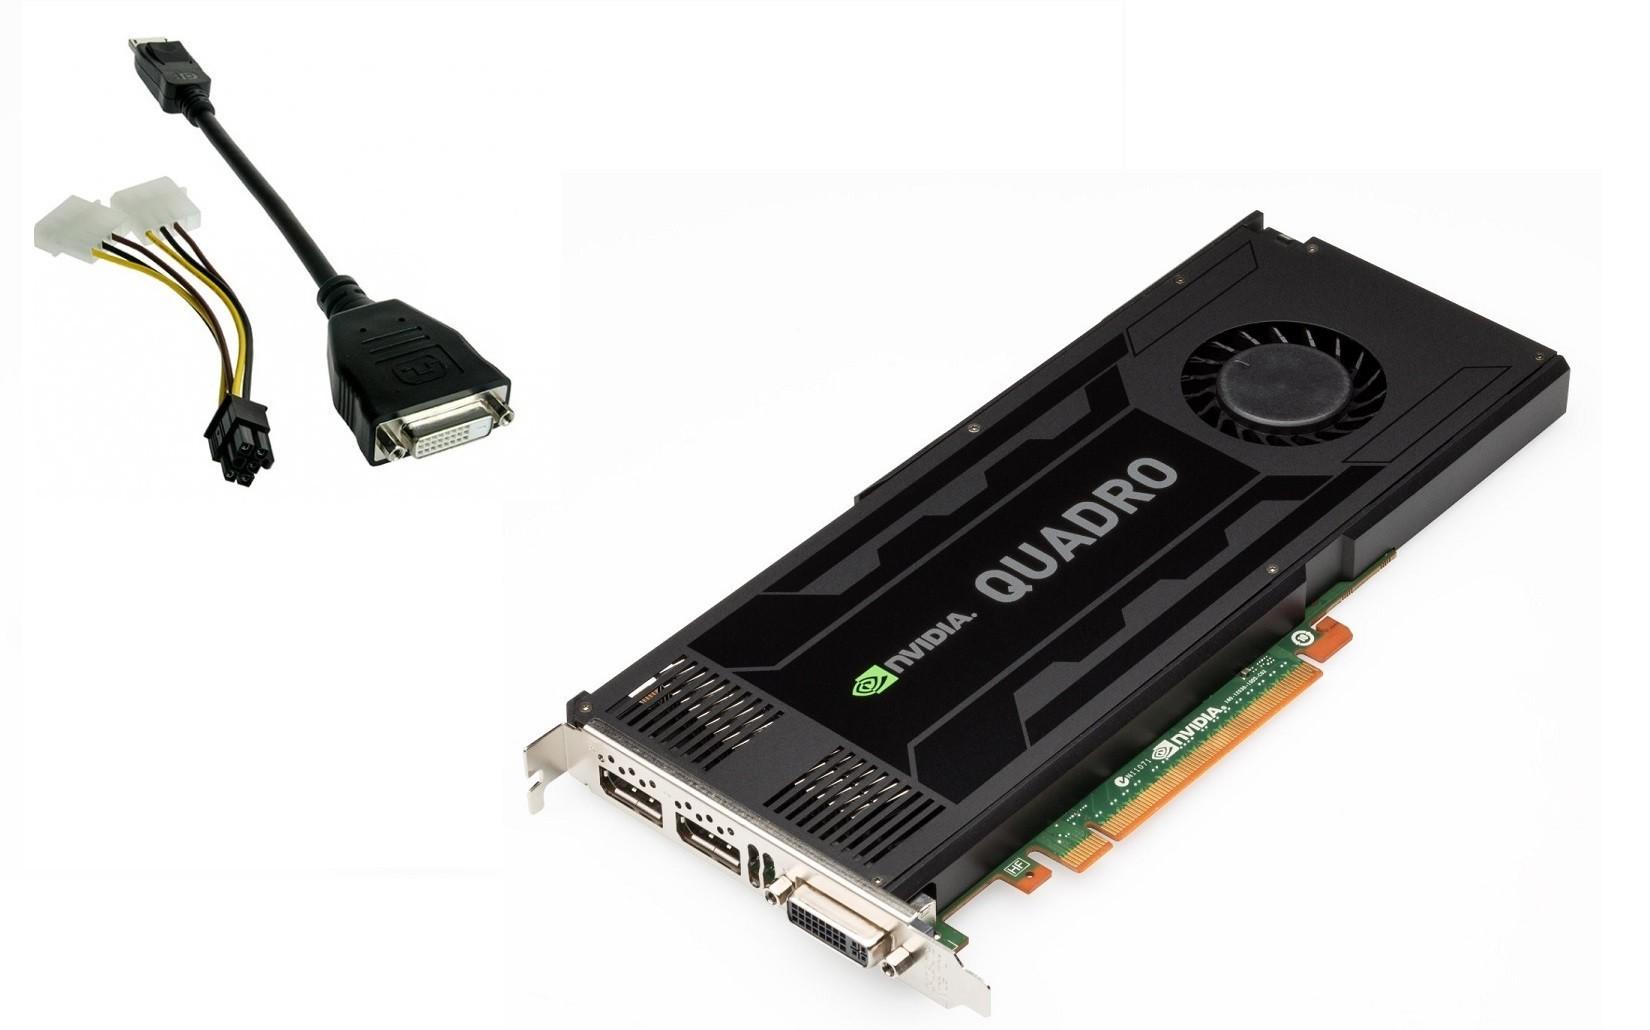 3GB HP C2J94AA nVIDIA Quadro K4000 GDDR5 PCI Express 2.0 x16 2x Displayports DVI Graphic Card